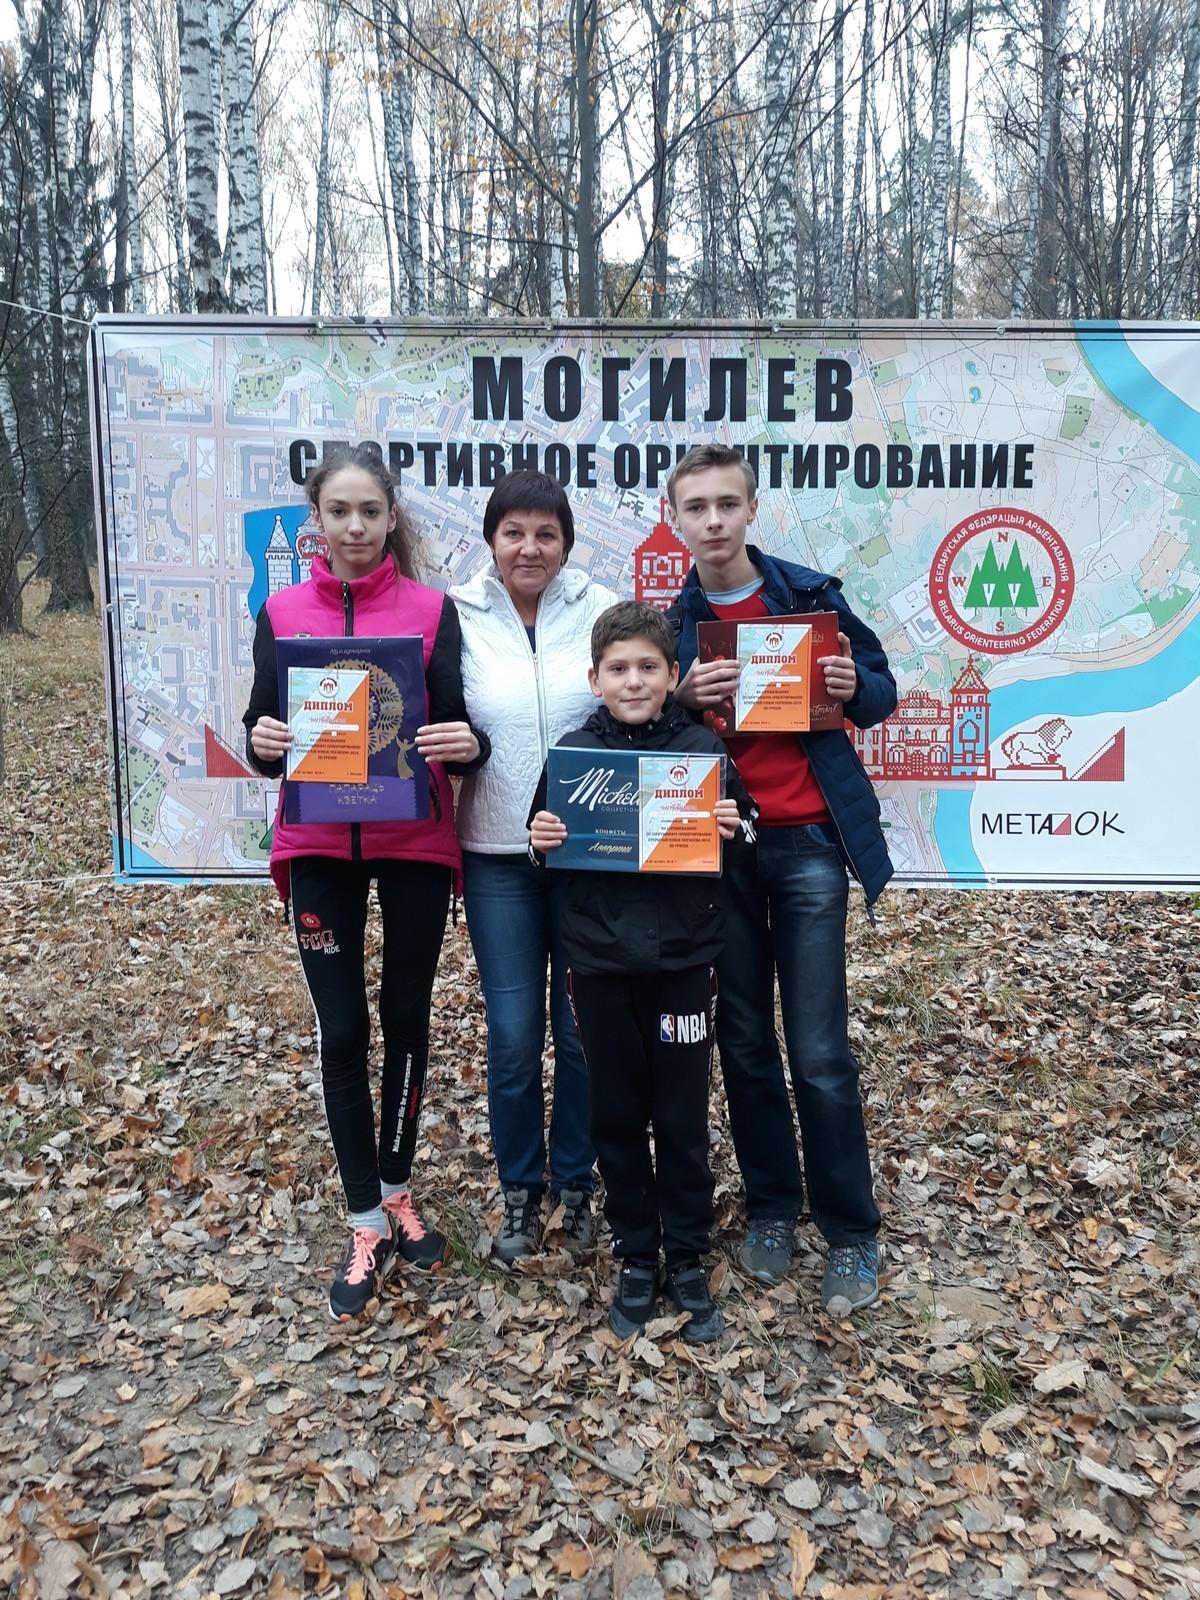 Бобруйские ориентировщики праздновали удачу